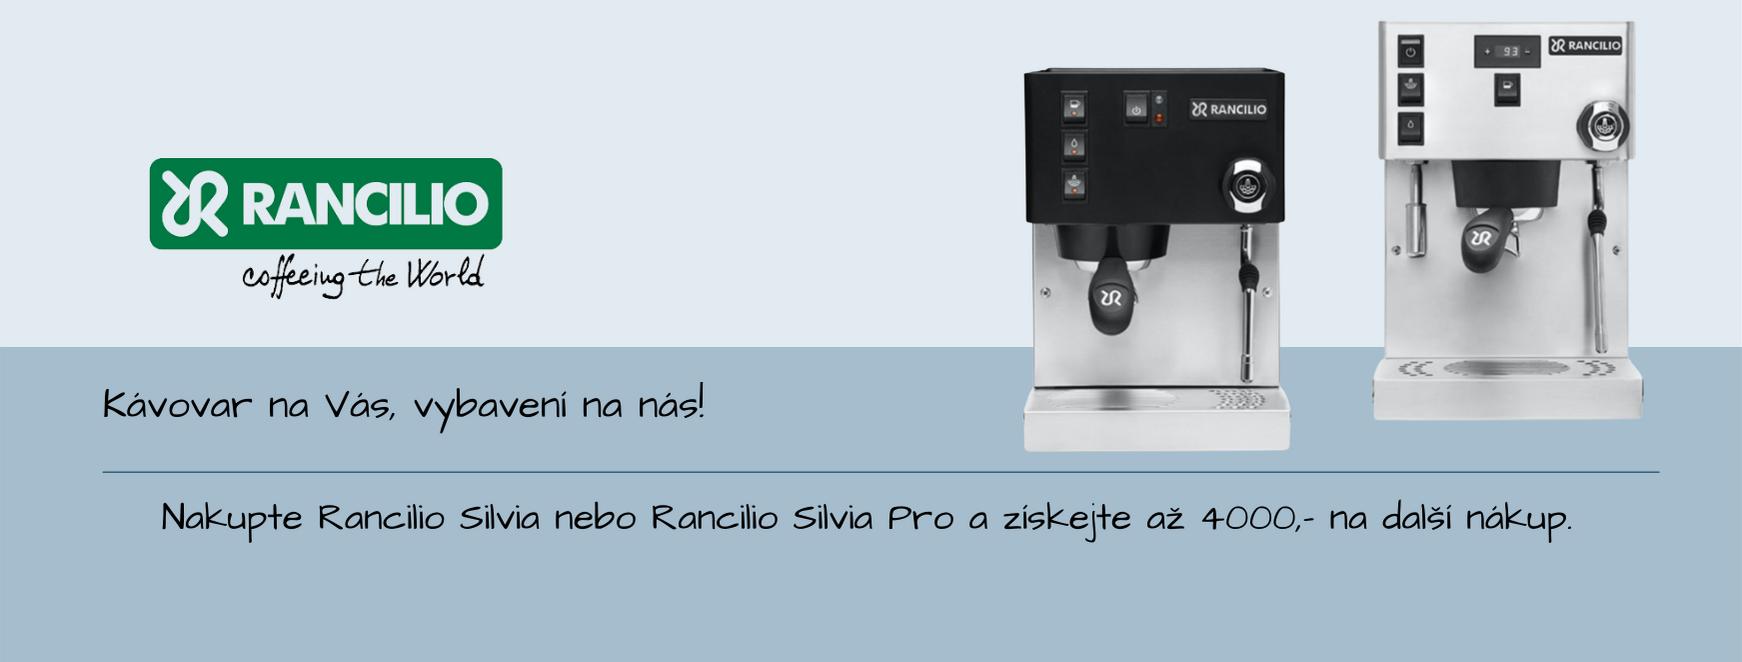 Zvýhodněná nabídka na koupi pákového kávovaru Rancilio Silvia